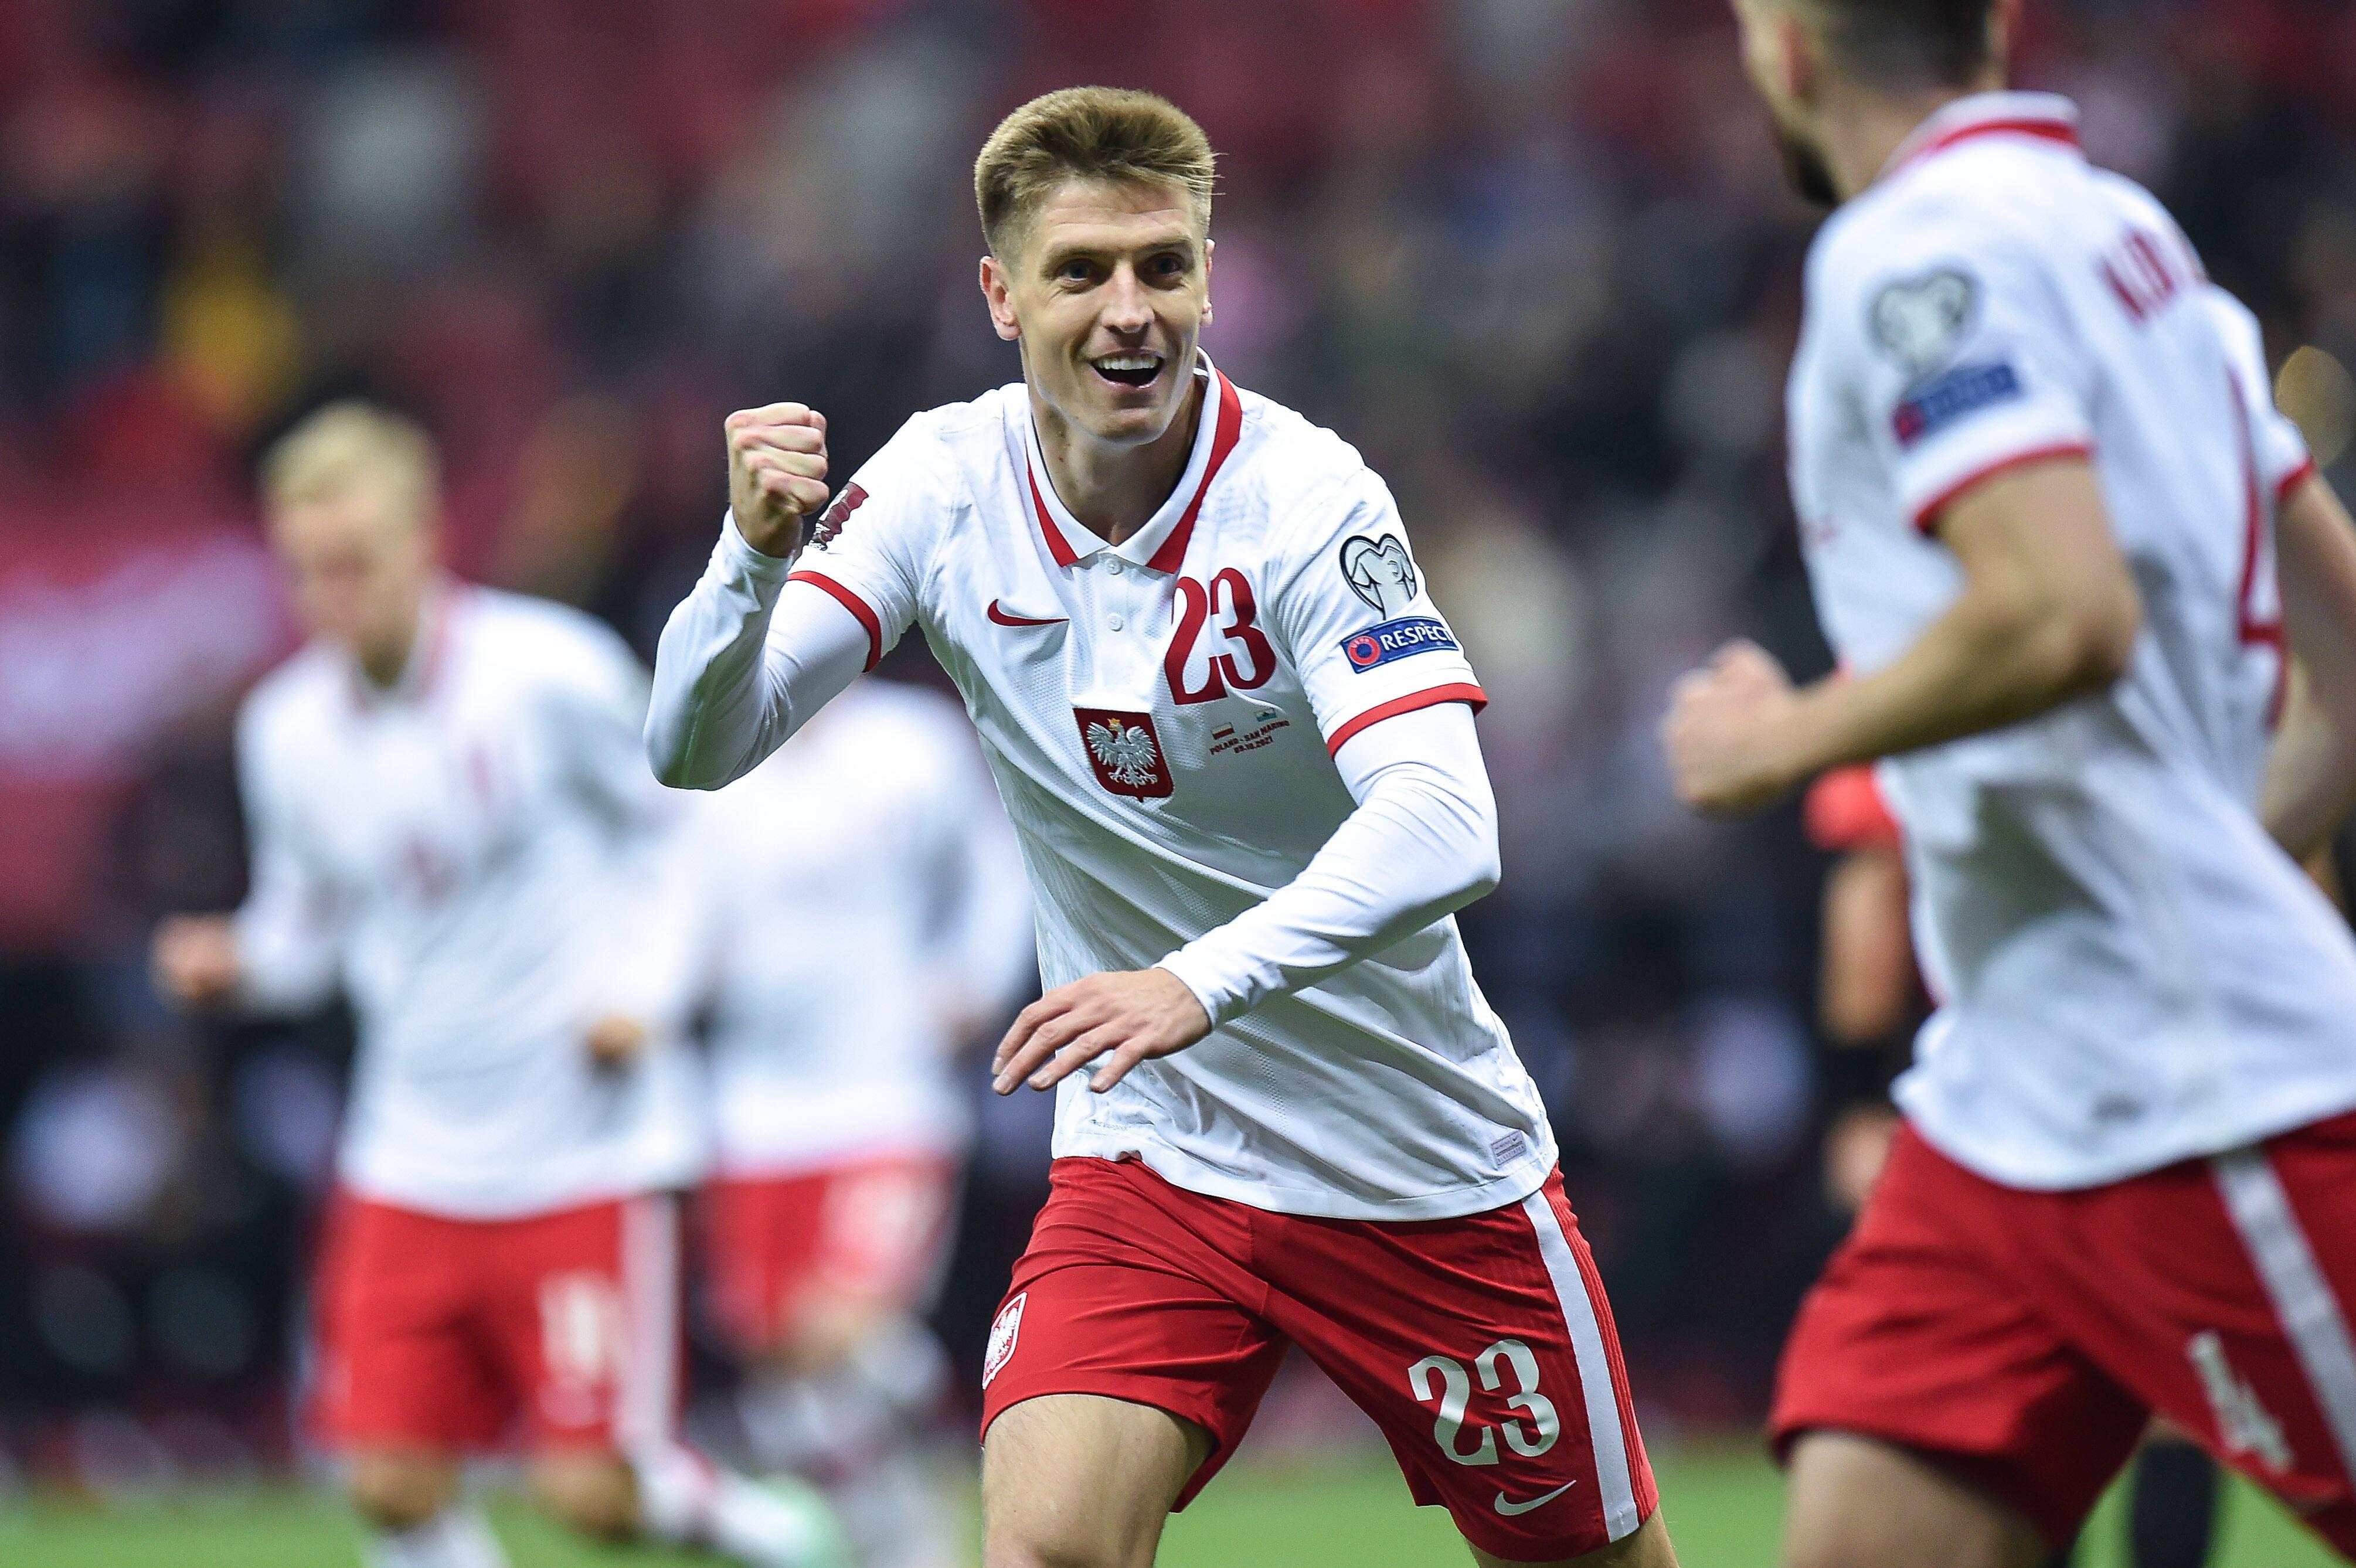 Krzysztof Piątek celebrates his goal against San Marino.